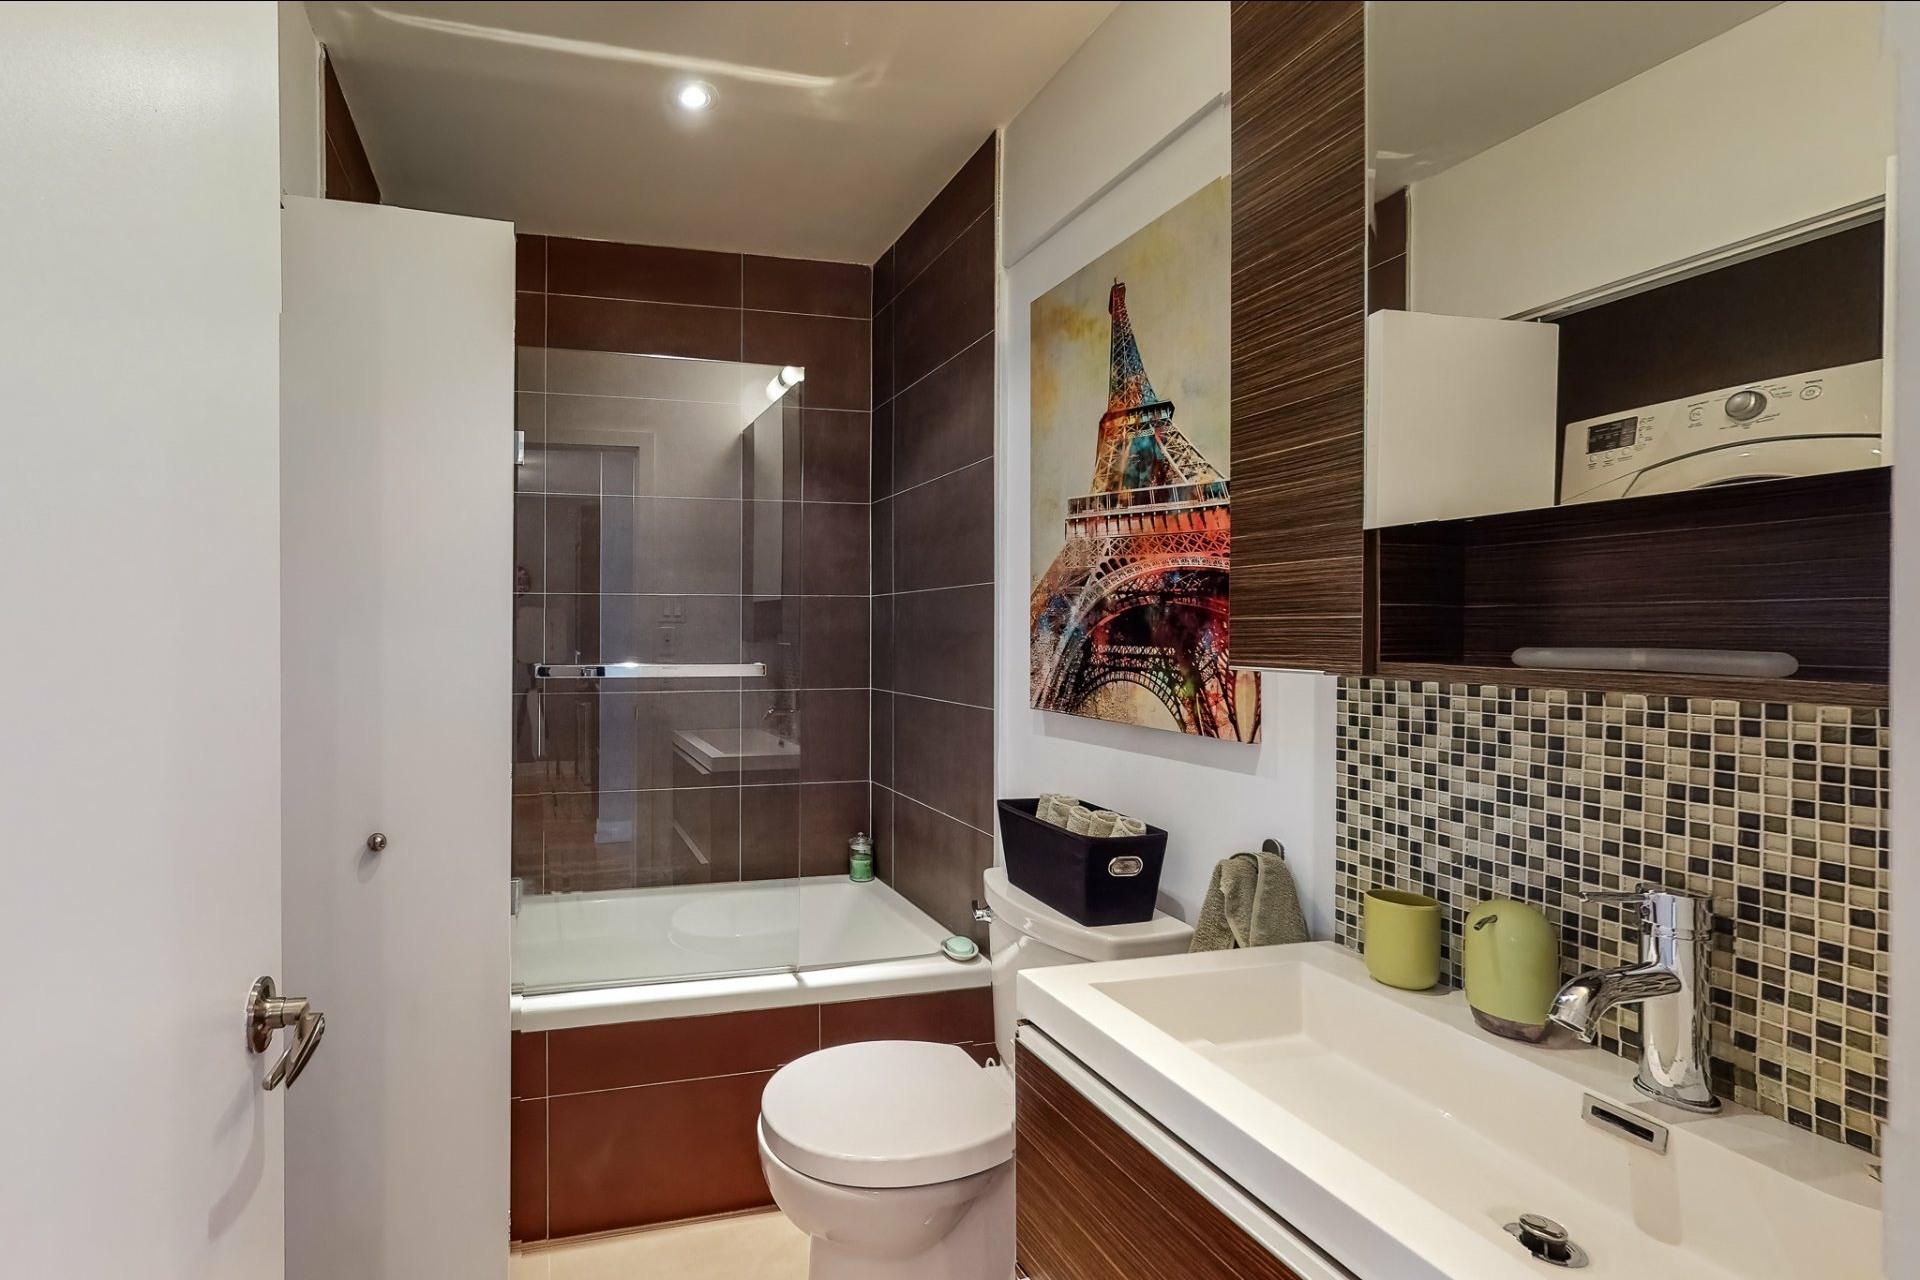 image 9 - Appartement À vendre Rosemont/La Petite-Patrie Montréal  - 3 pièces